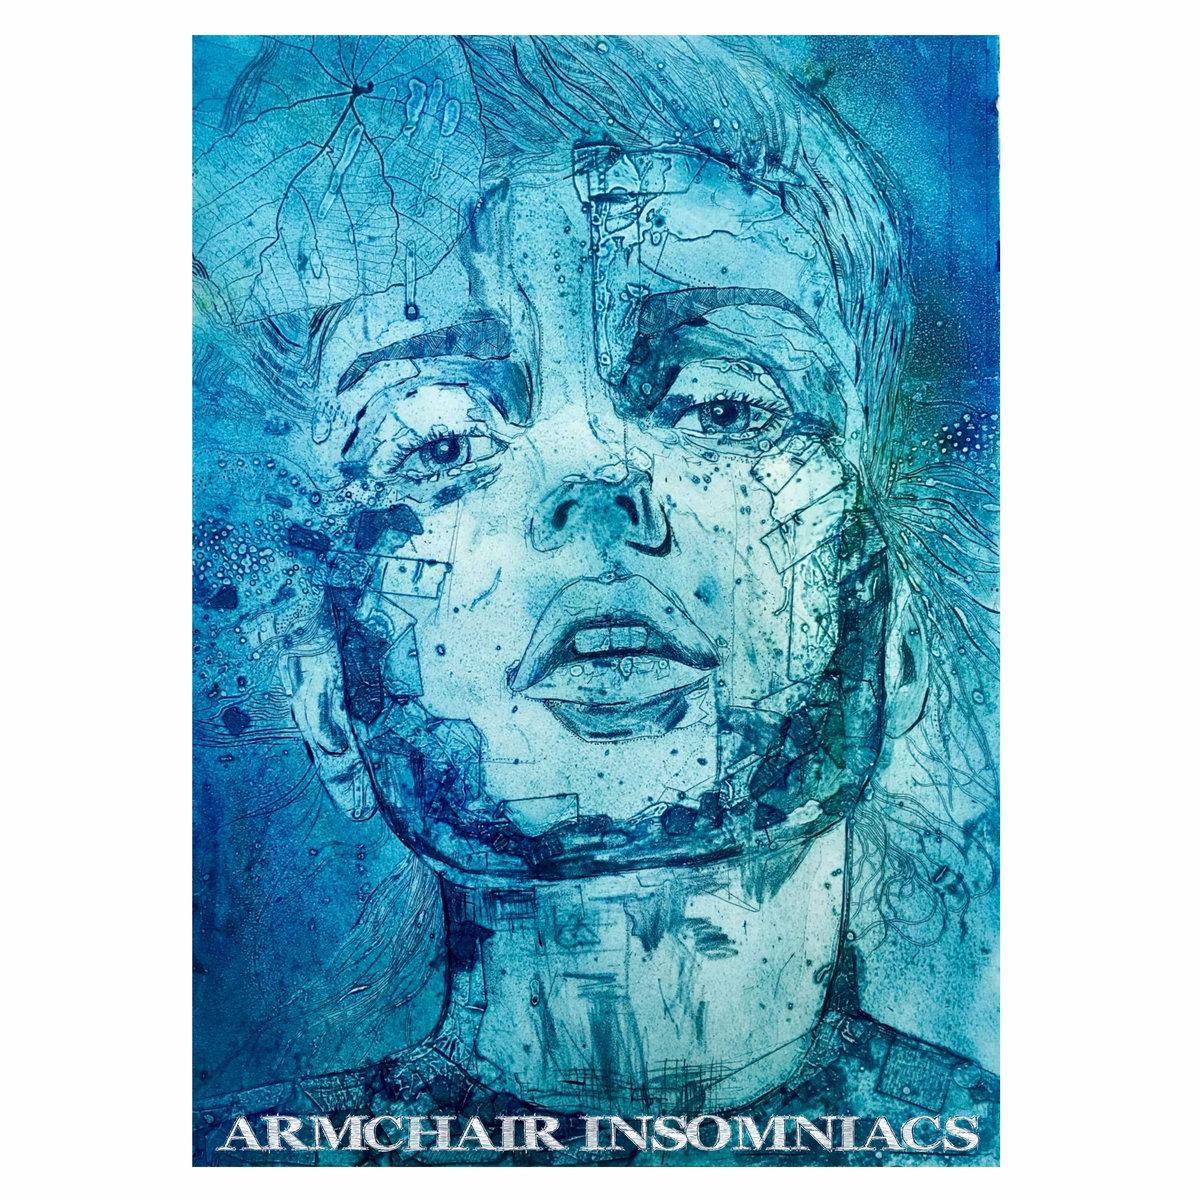 ARMCHAIR INSOMNIACS